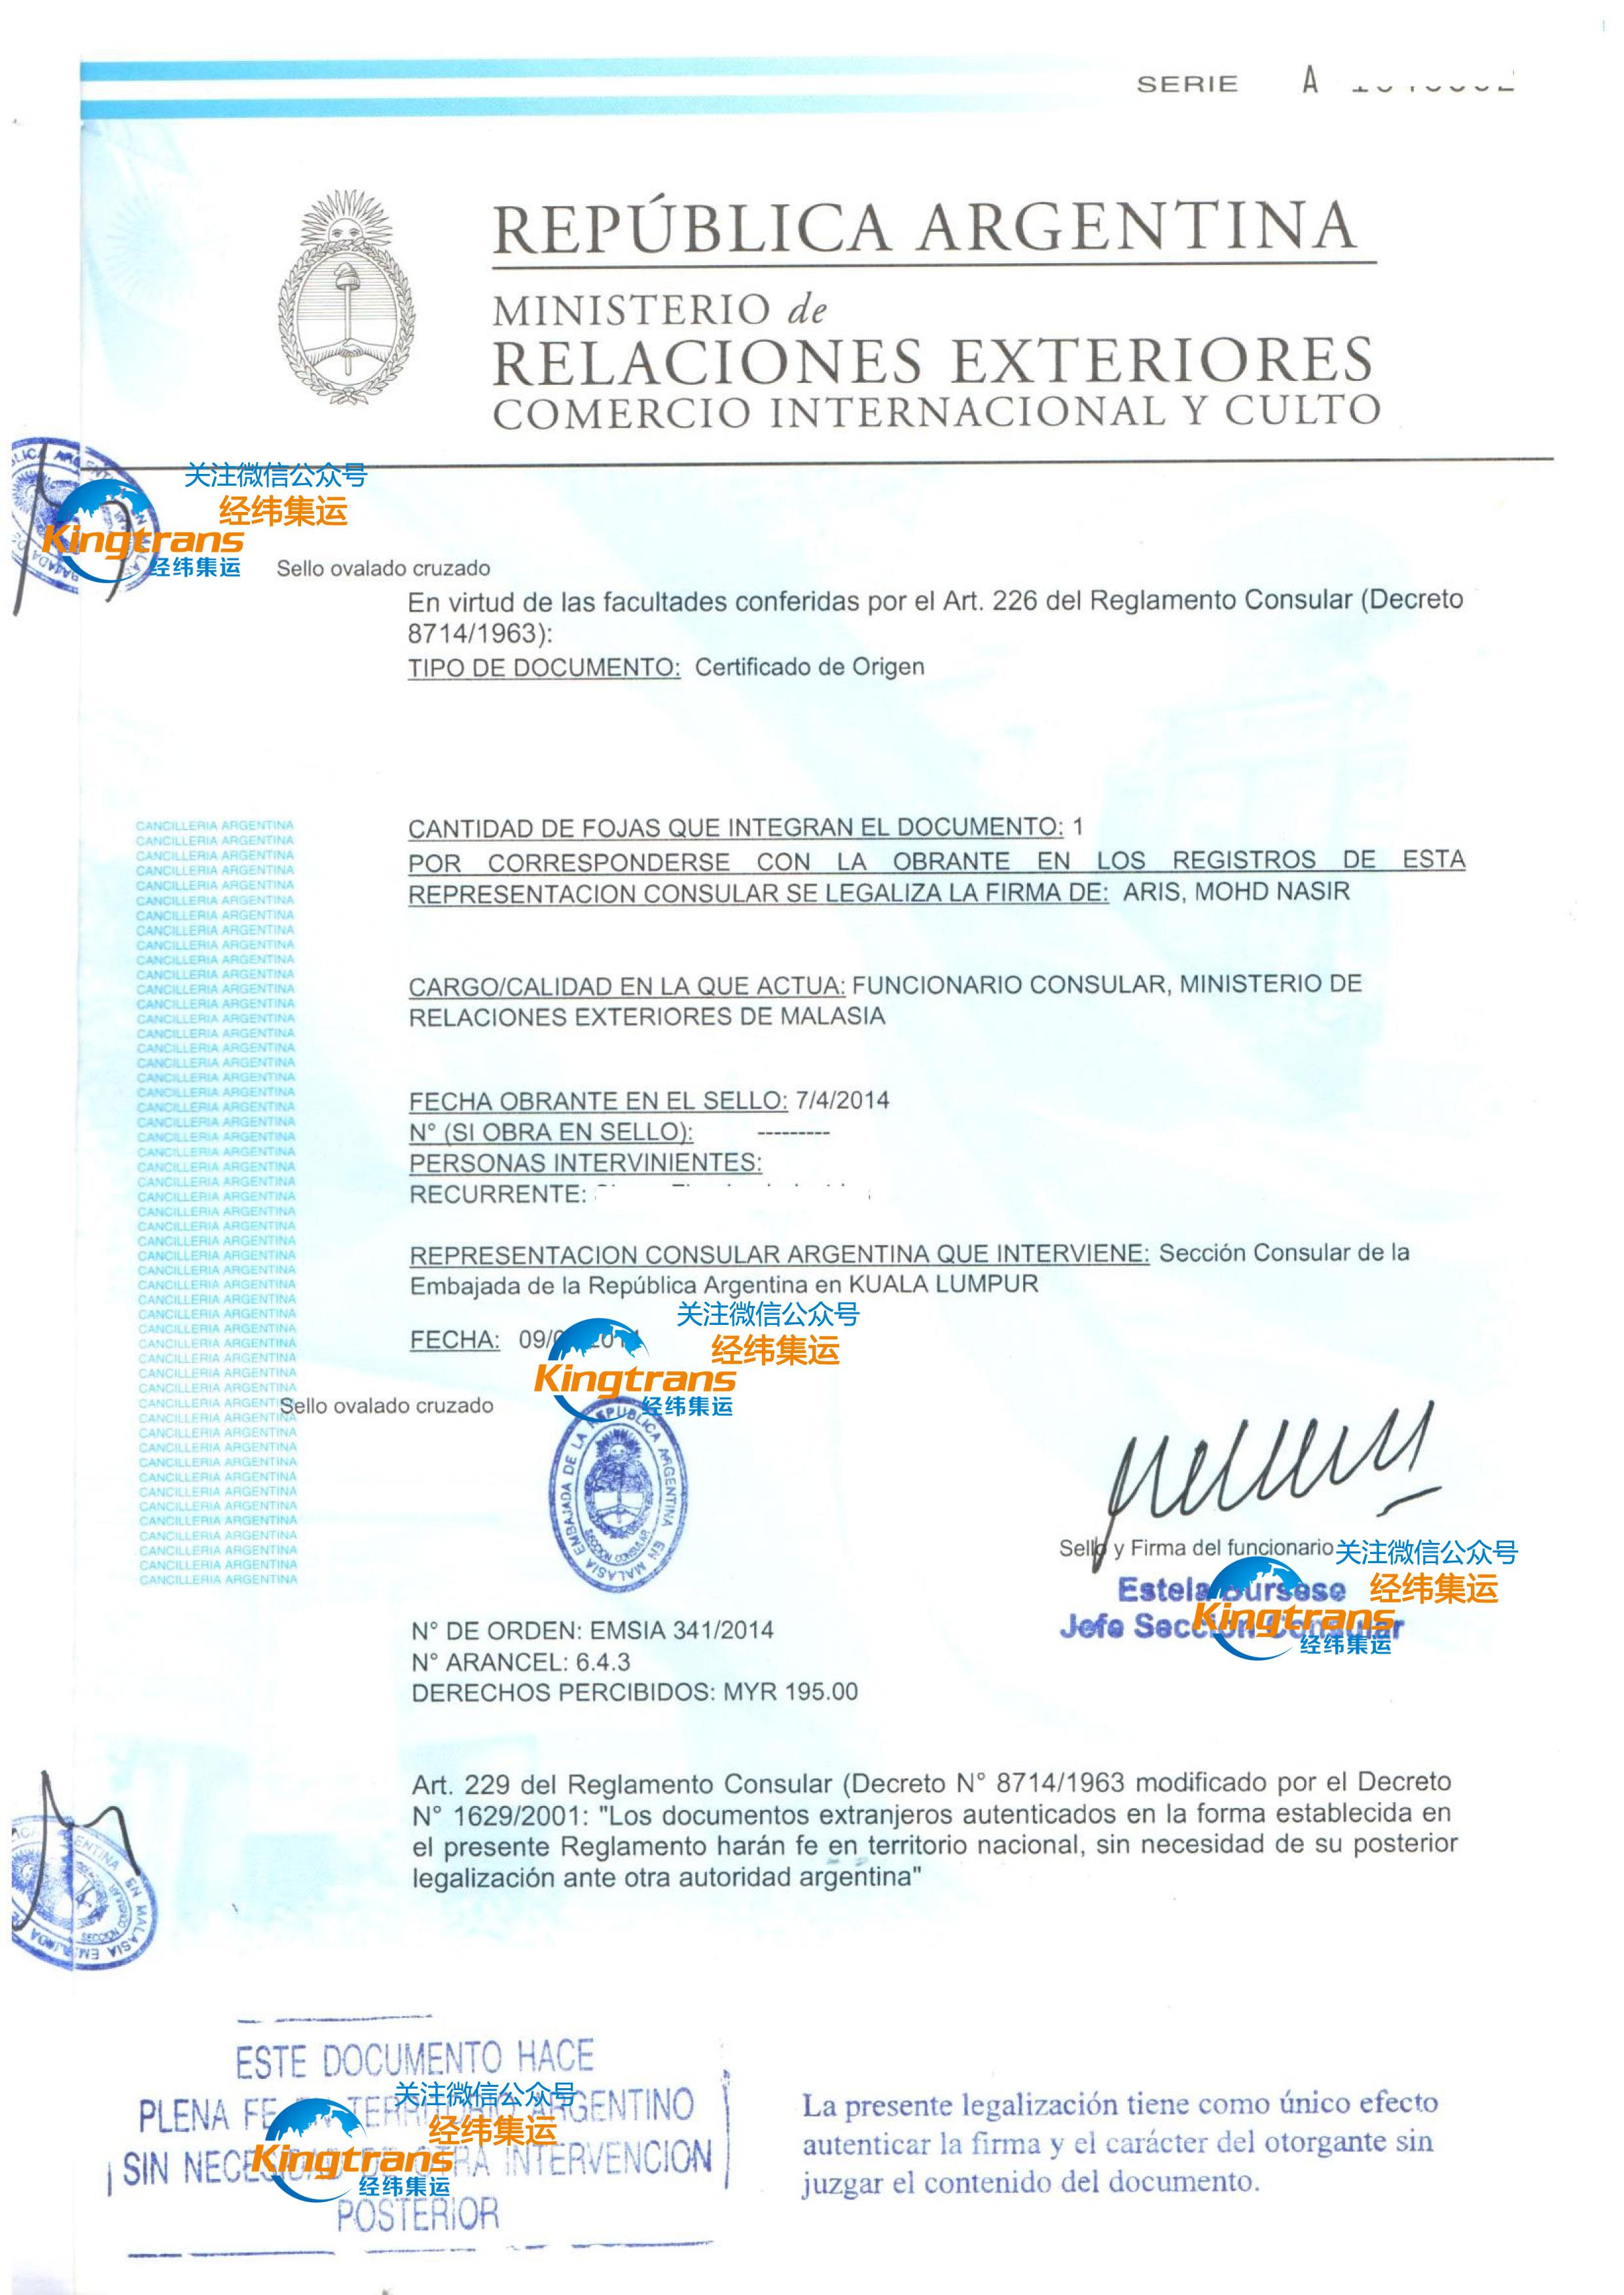 瓷砖马来西亚转口贸易阿根廷大使馆加签解决案例2014